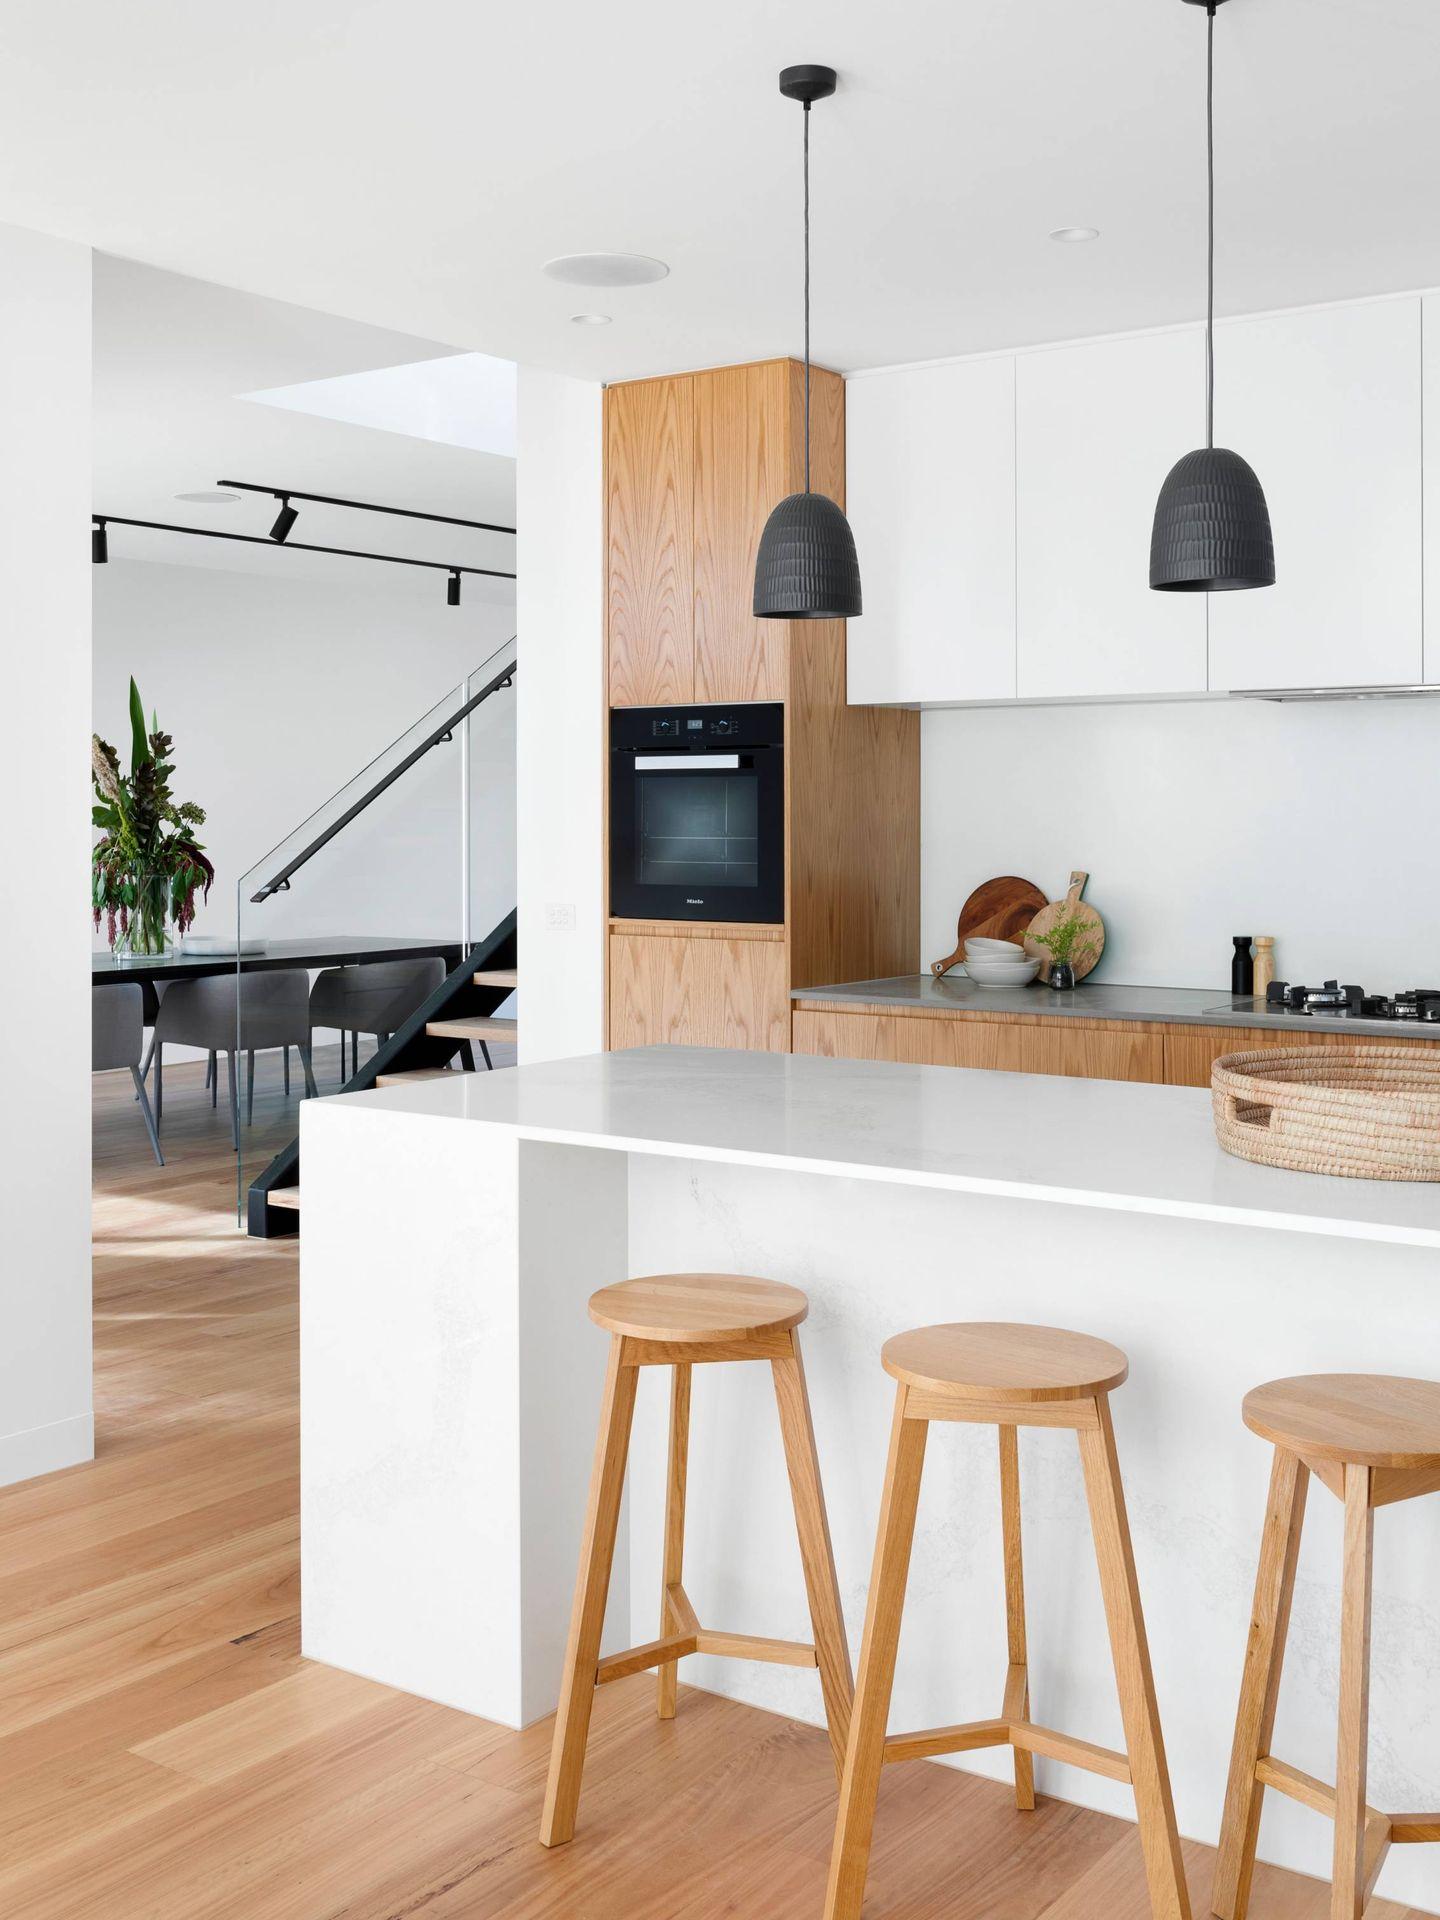 Beneficios deco de las cocinas paneladas. (R Architecture para Unsplash)